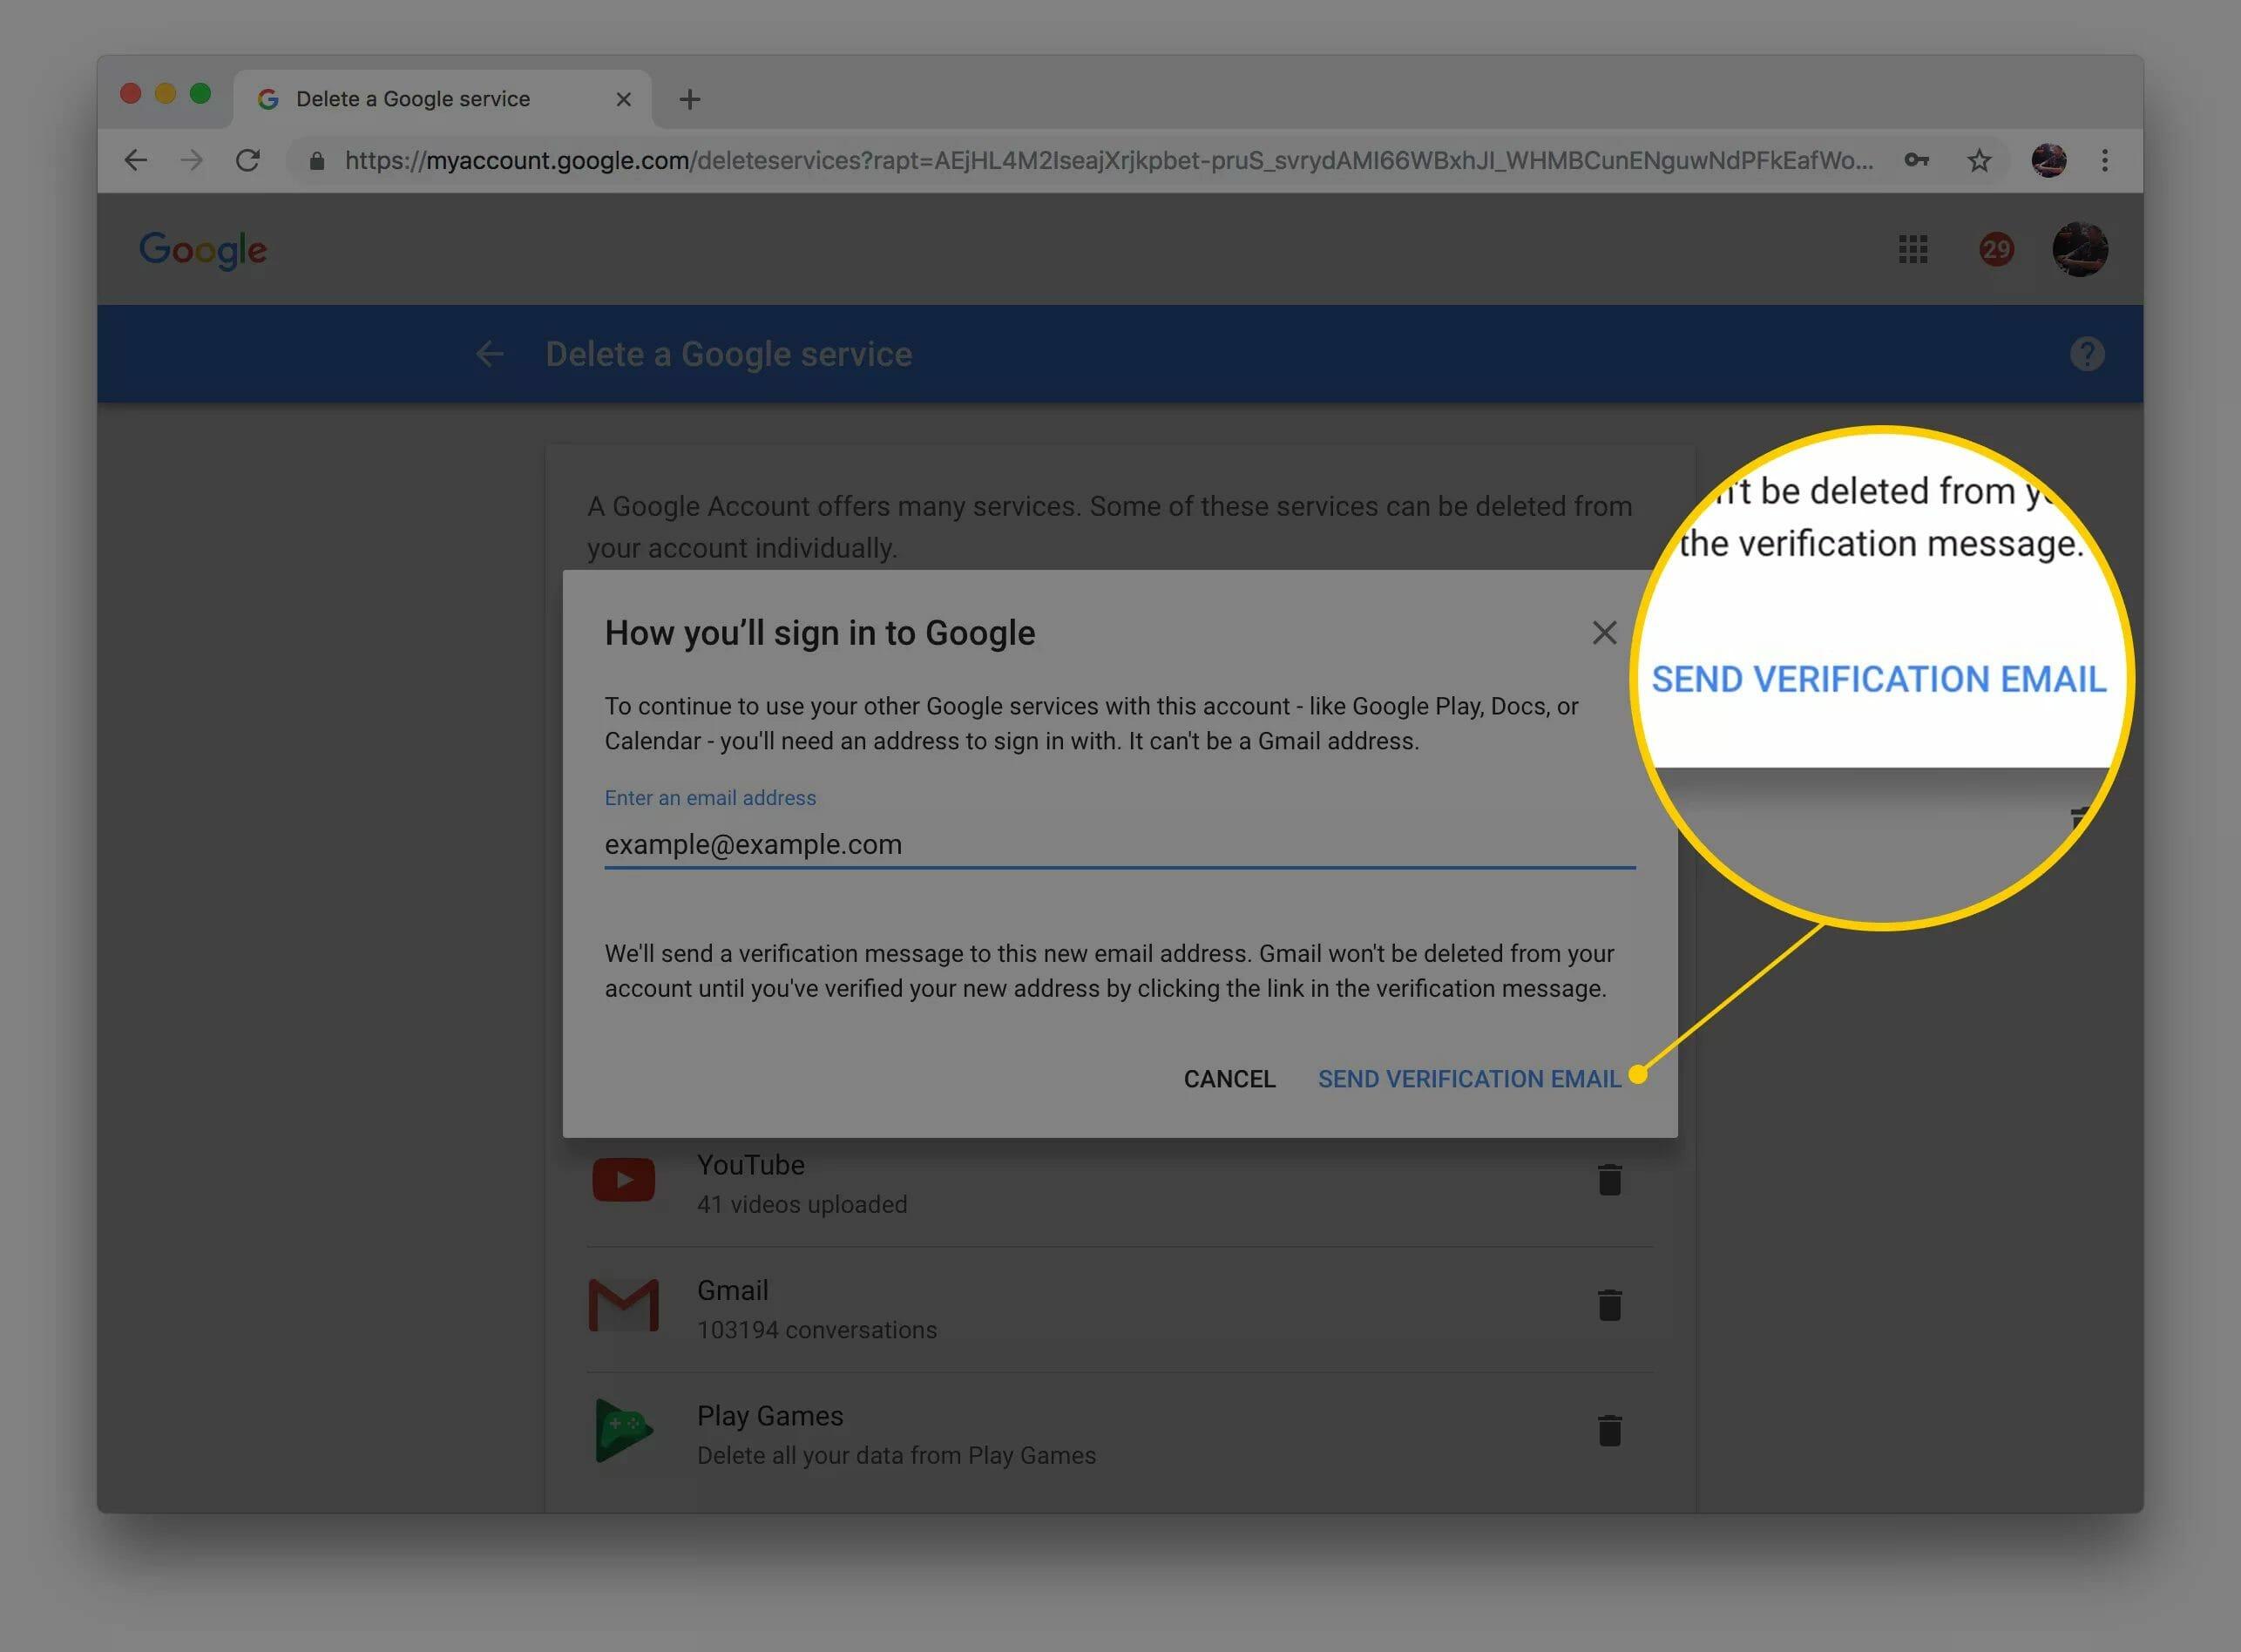 Capture d'écran de Envoyer un e-mail de vérification pour vous connecter à la boîte de dialogue Google sur le Web